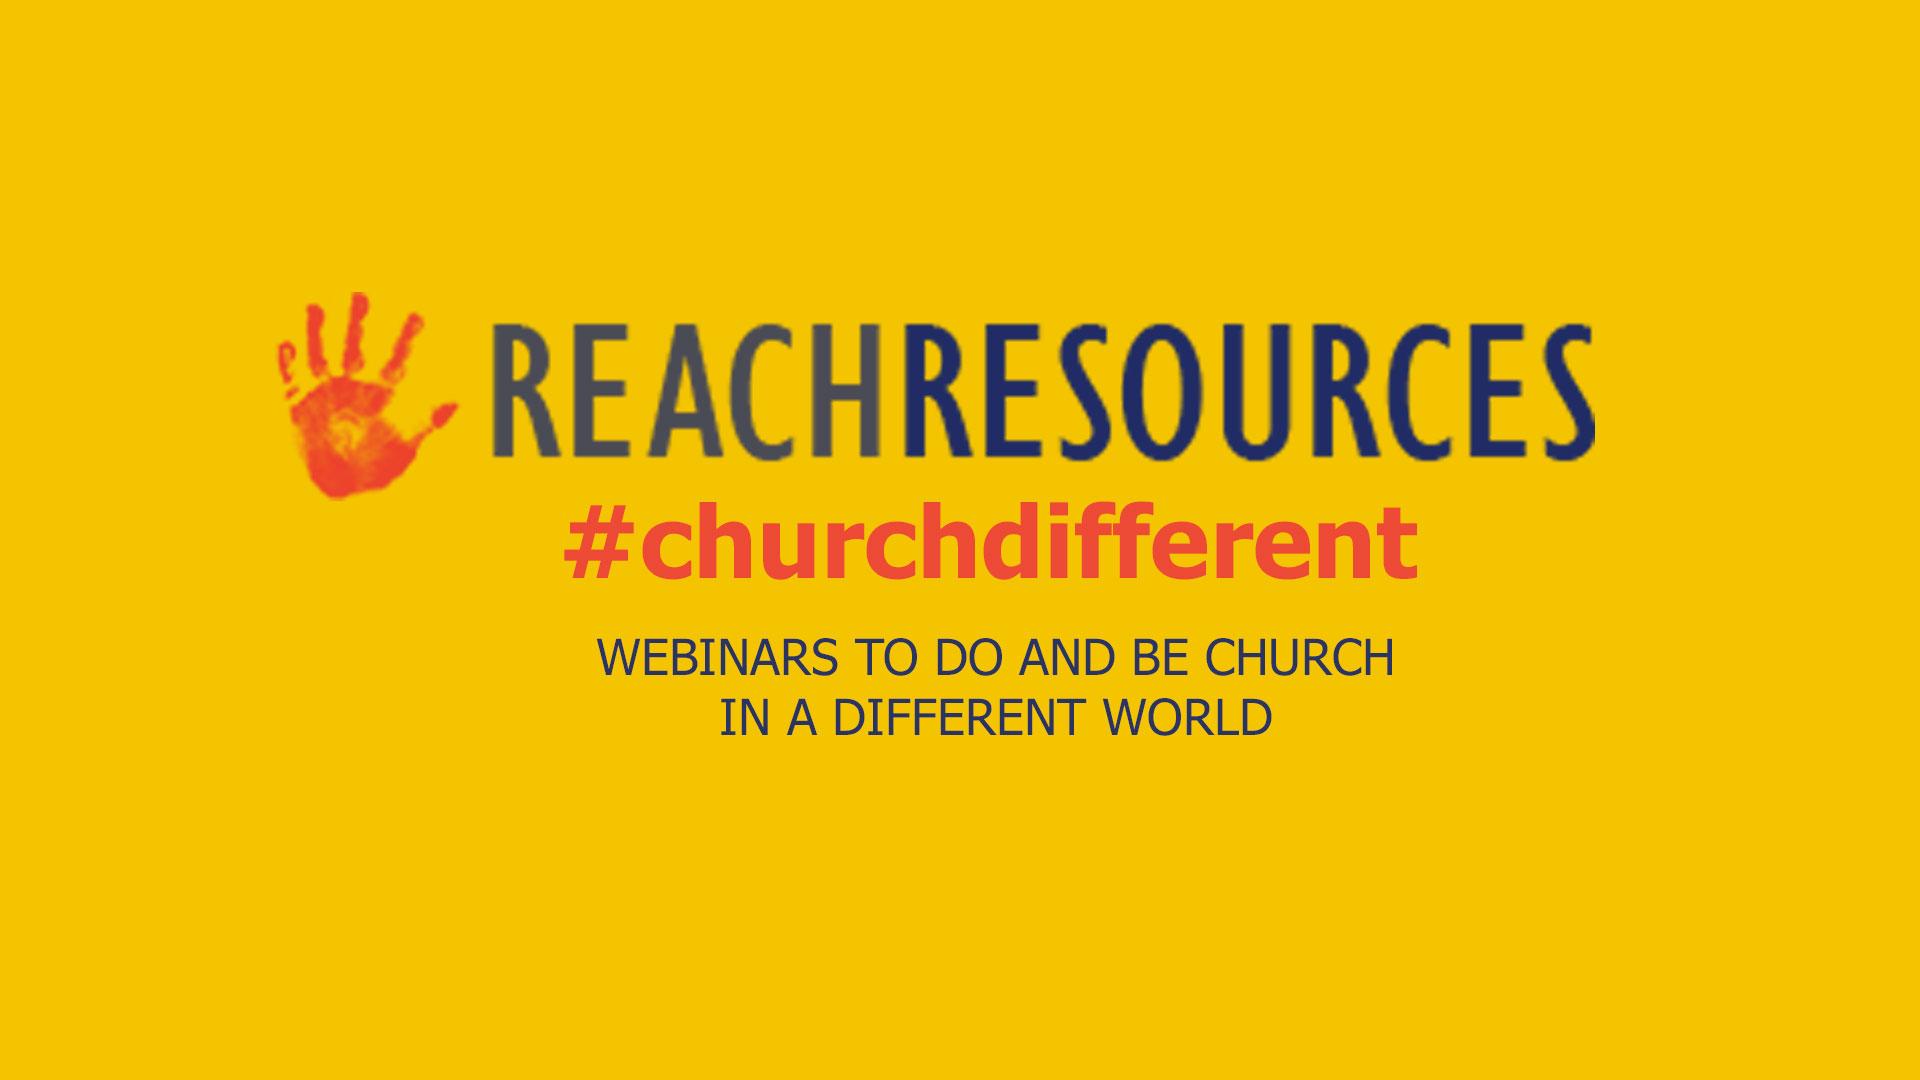 #churchdifferent: Episode 3